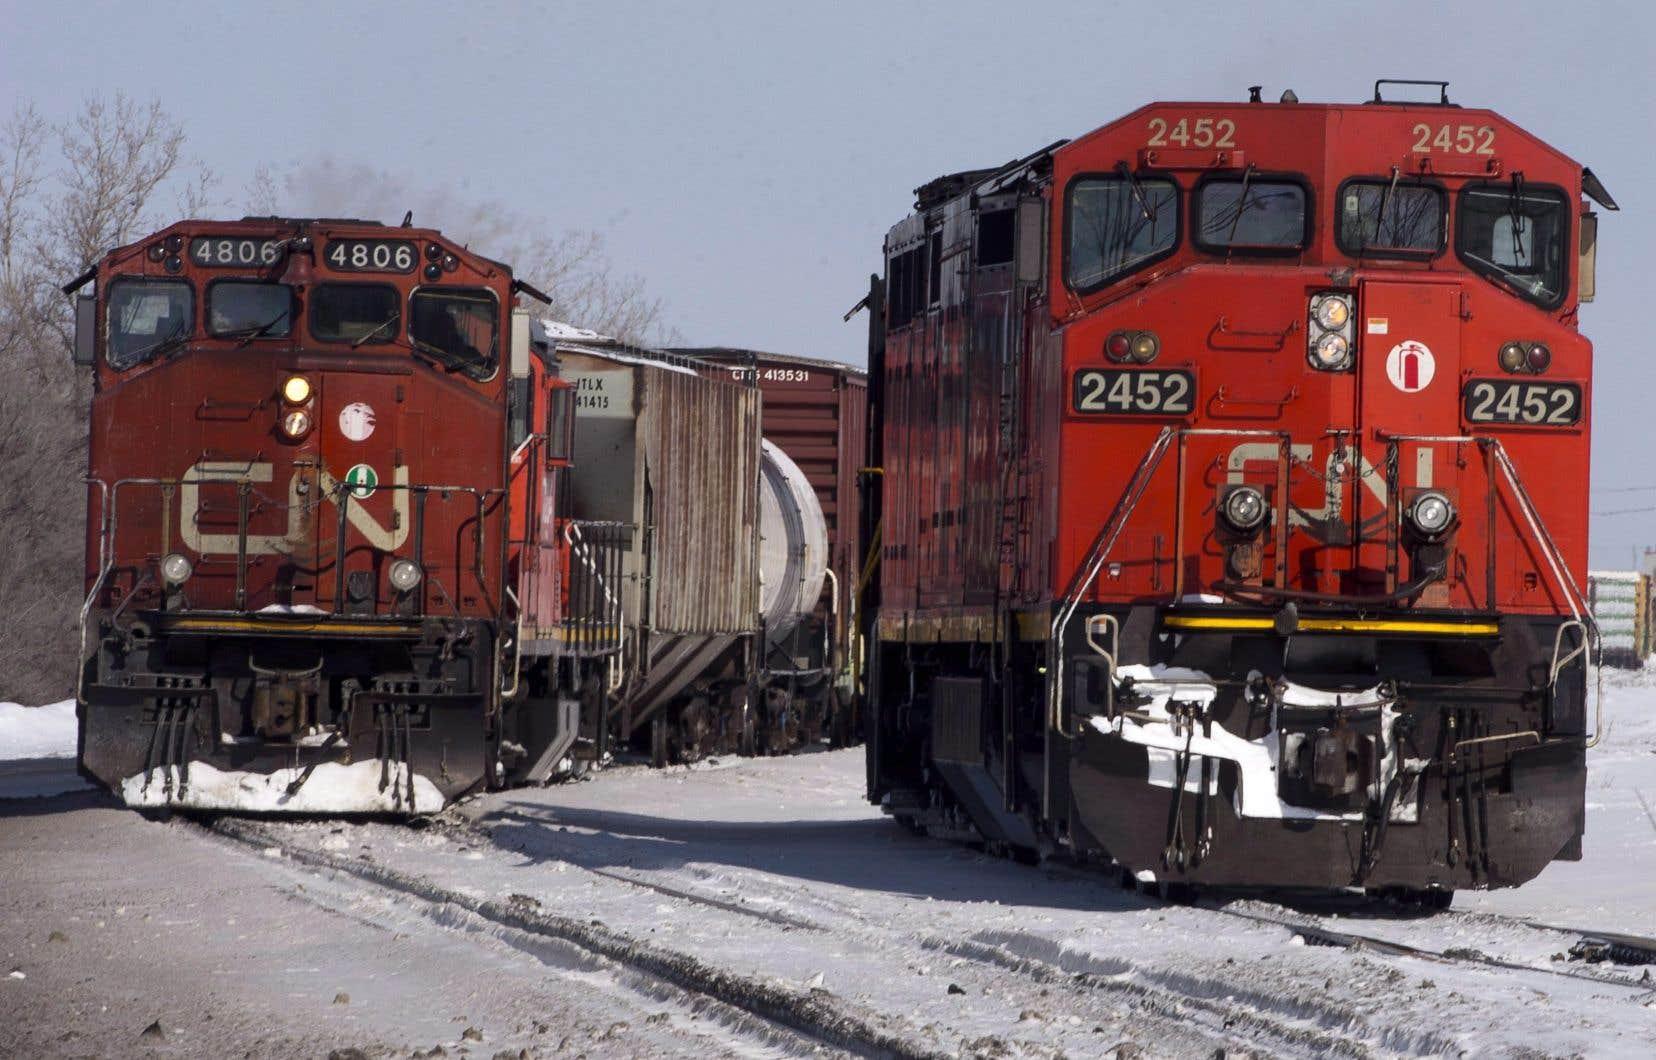 Le CN précise que cette mesure «comprendra l'arrêt sécuritaire des trains transcontinentaux sur son réseau canadien».